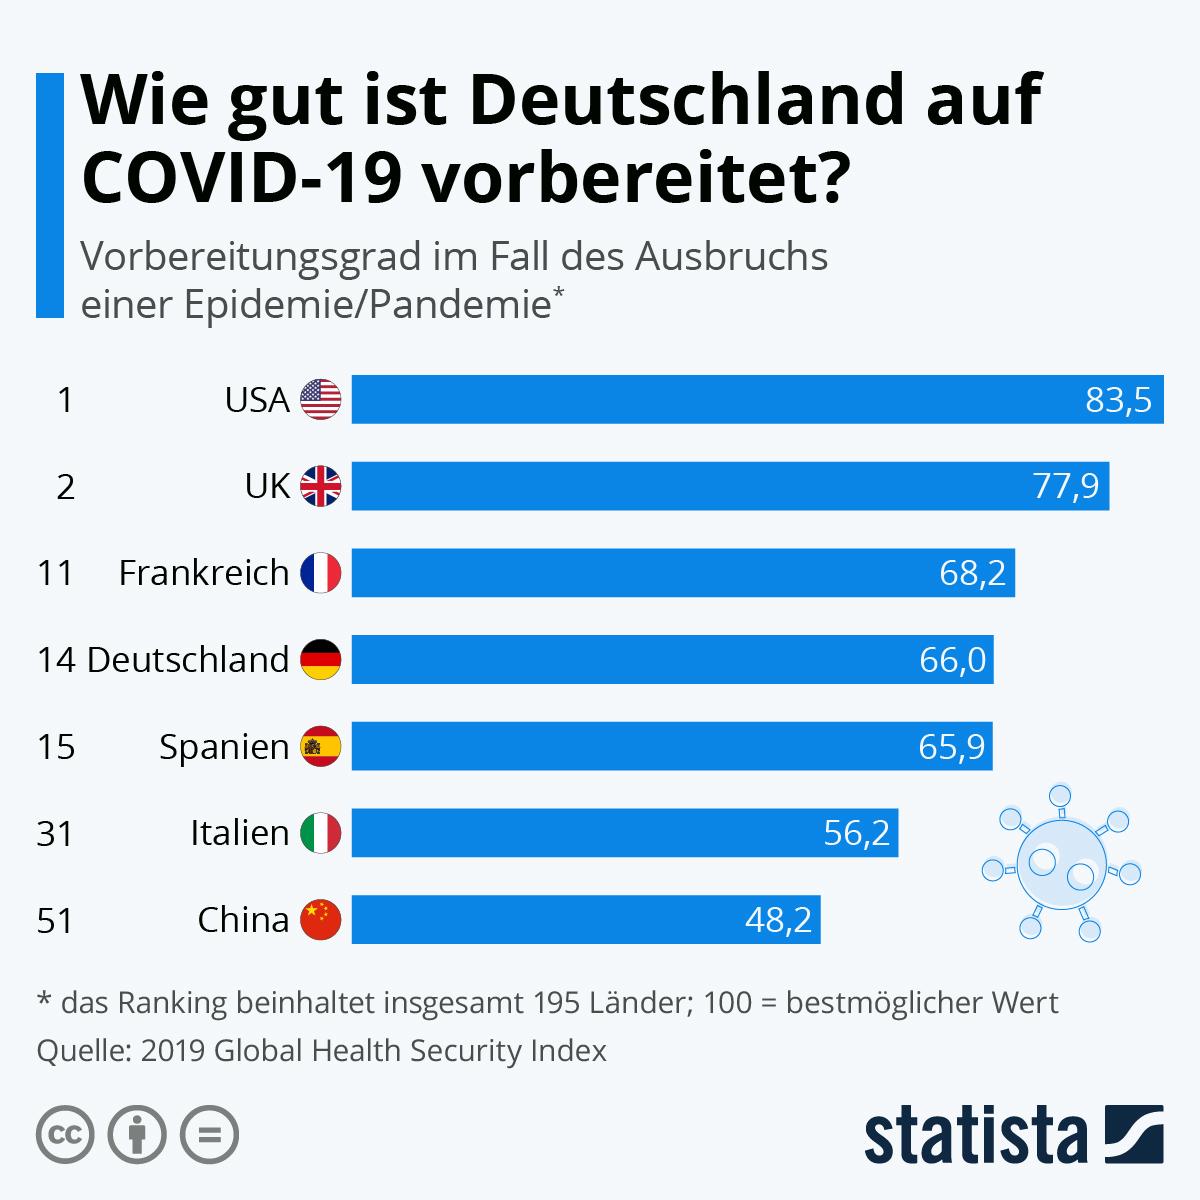 19 Utc In Deutschland